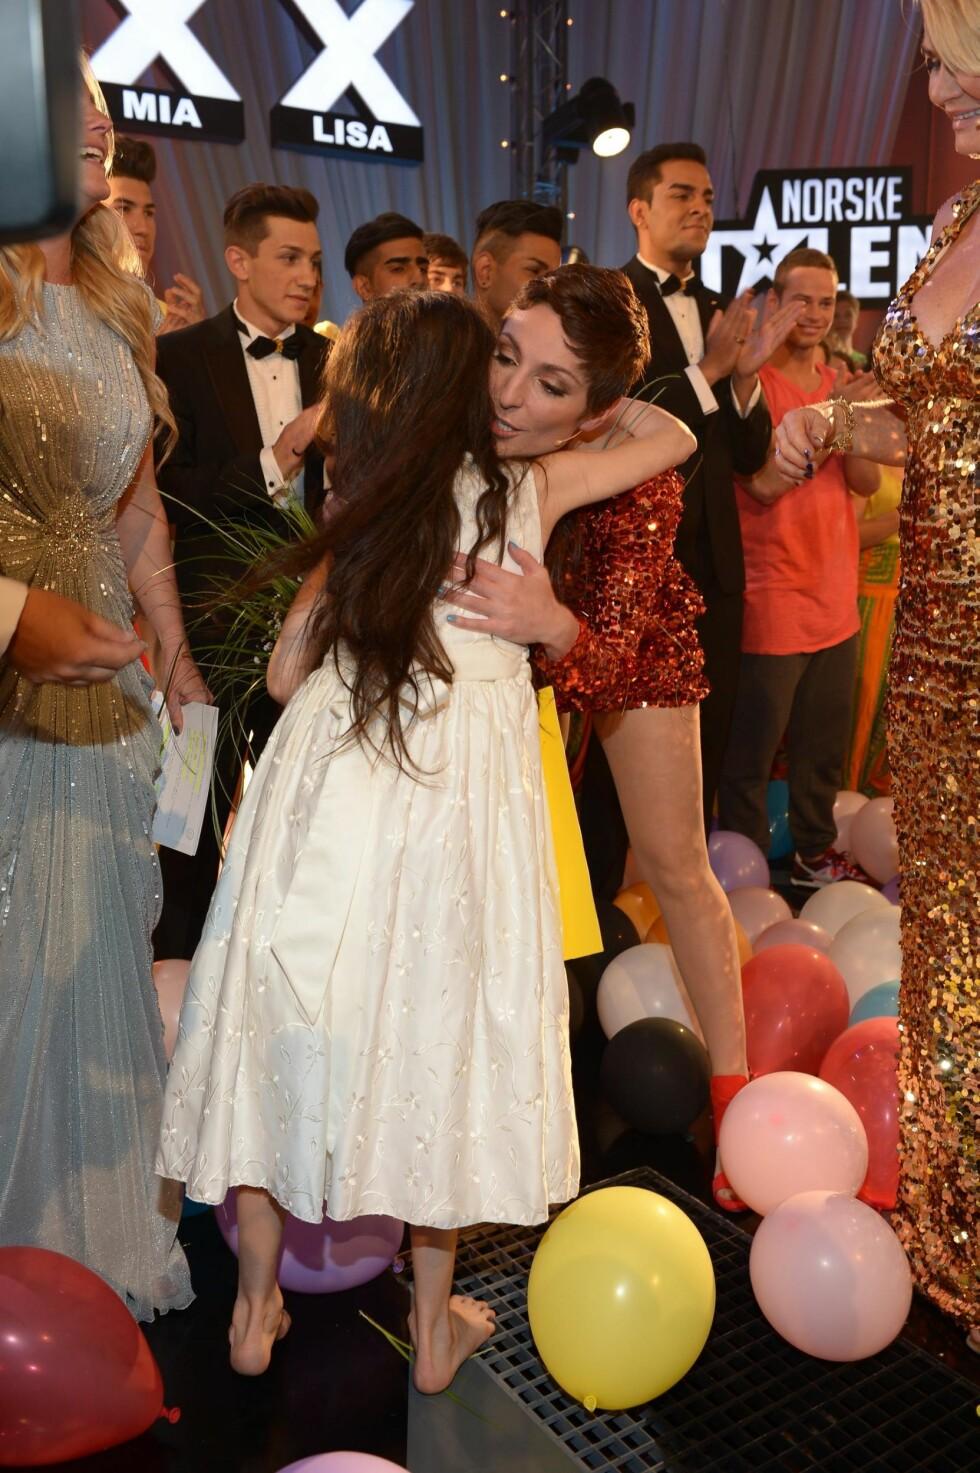 PUR LYKKE: Her gratuleres Angelina av dommer Lisa Tønne. Foto: FameFlynet